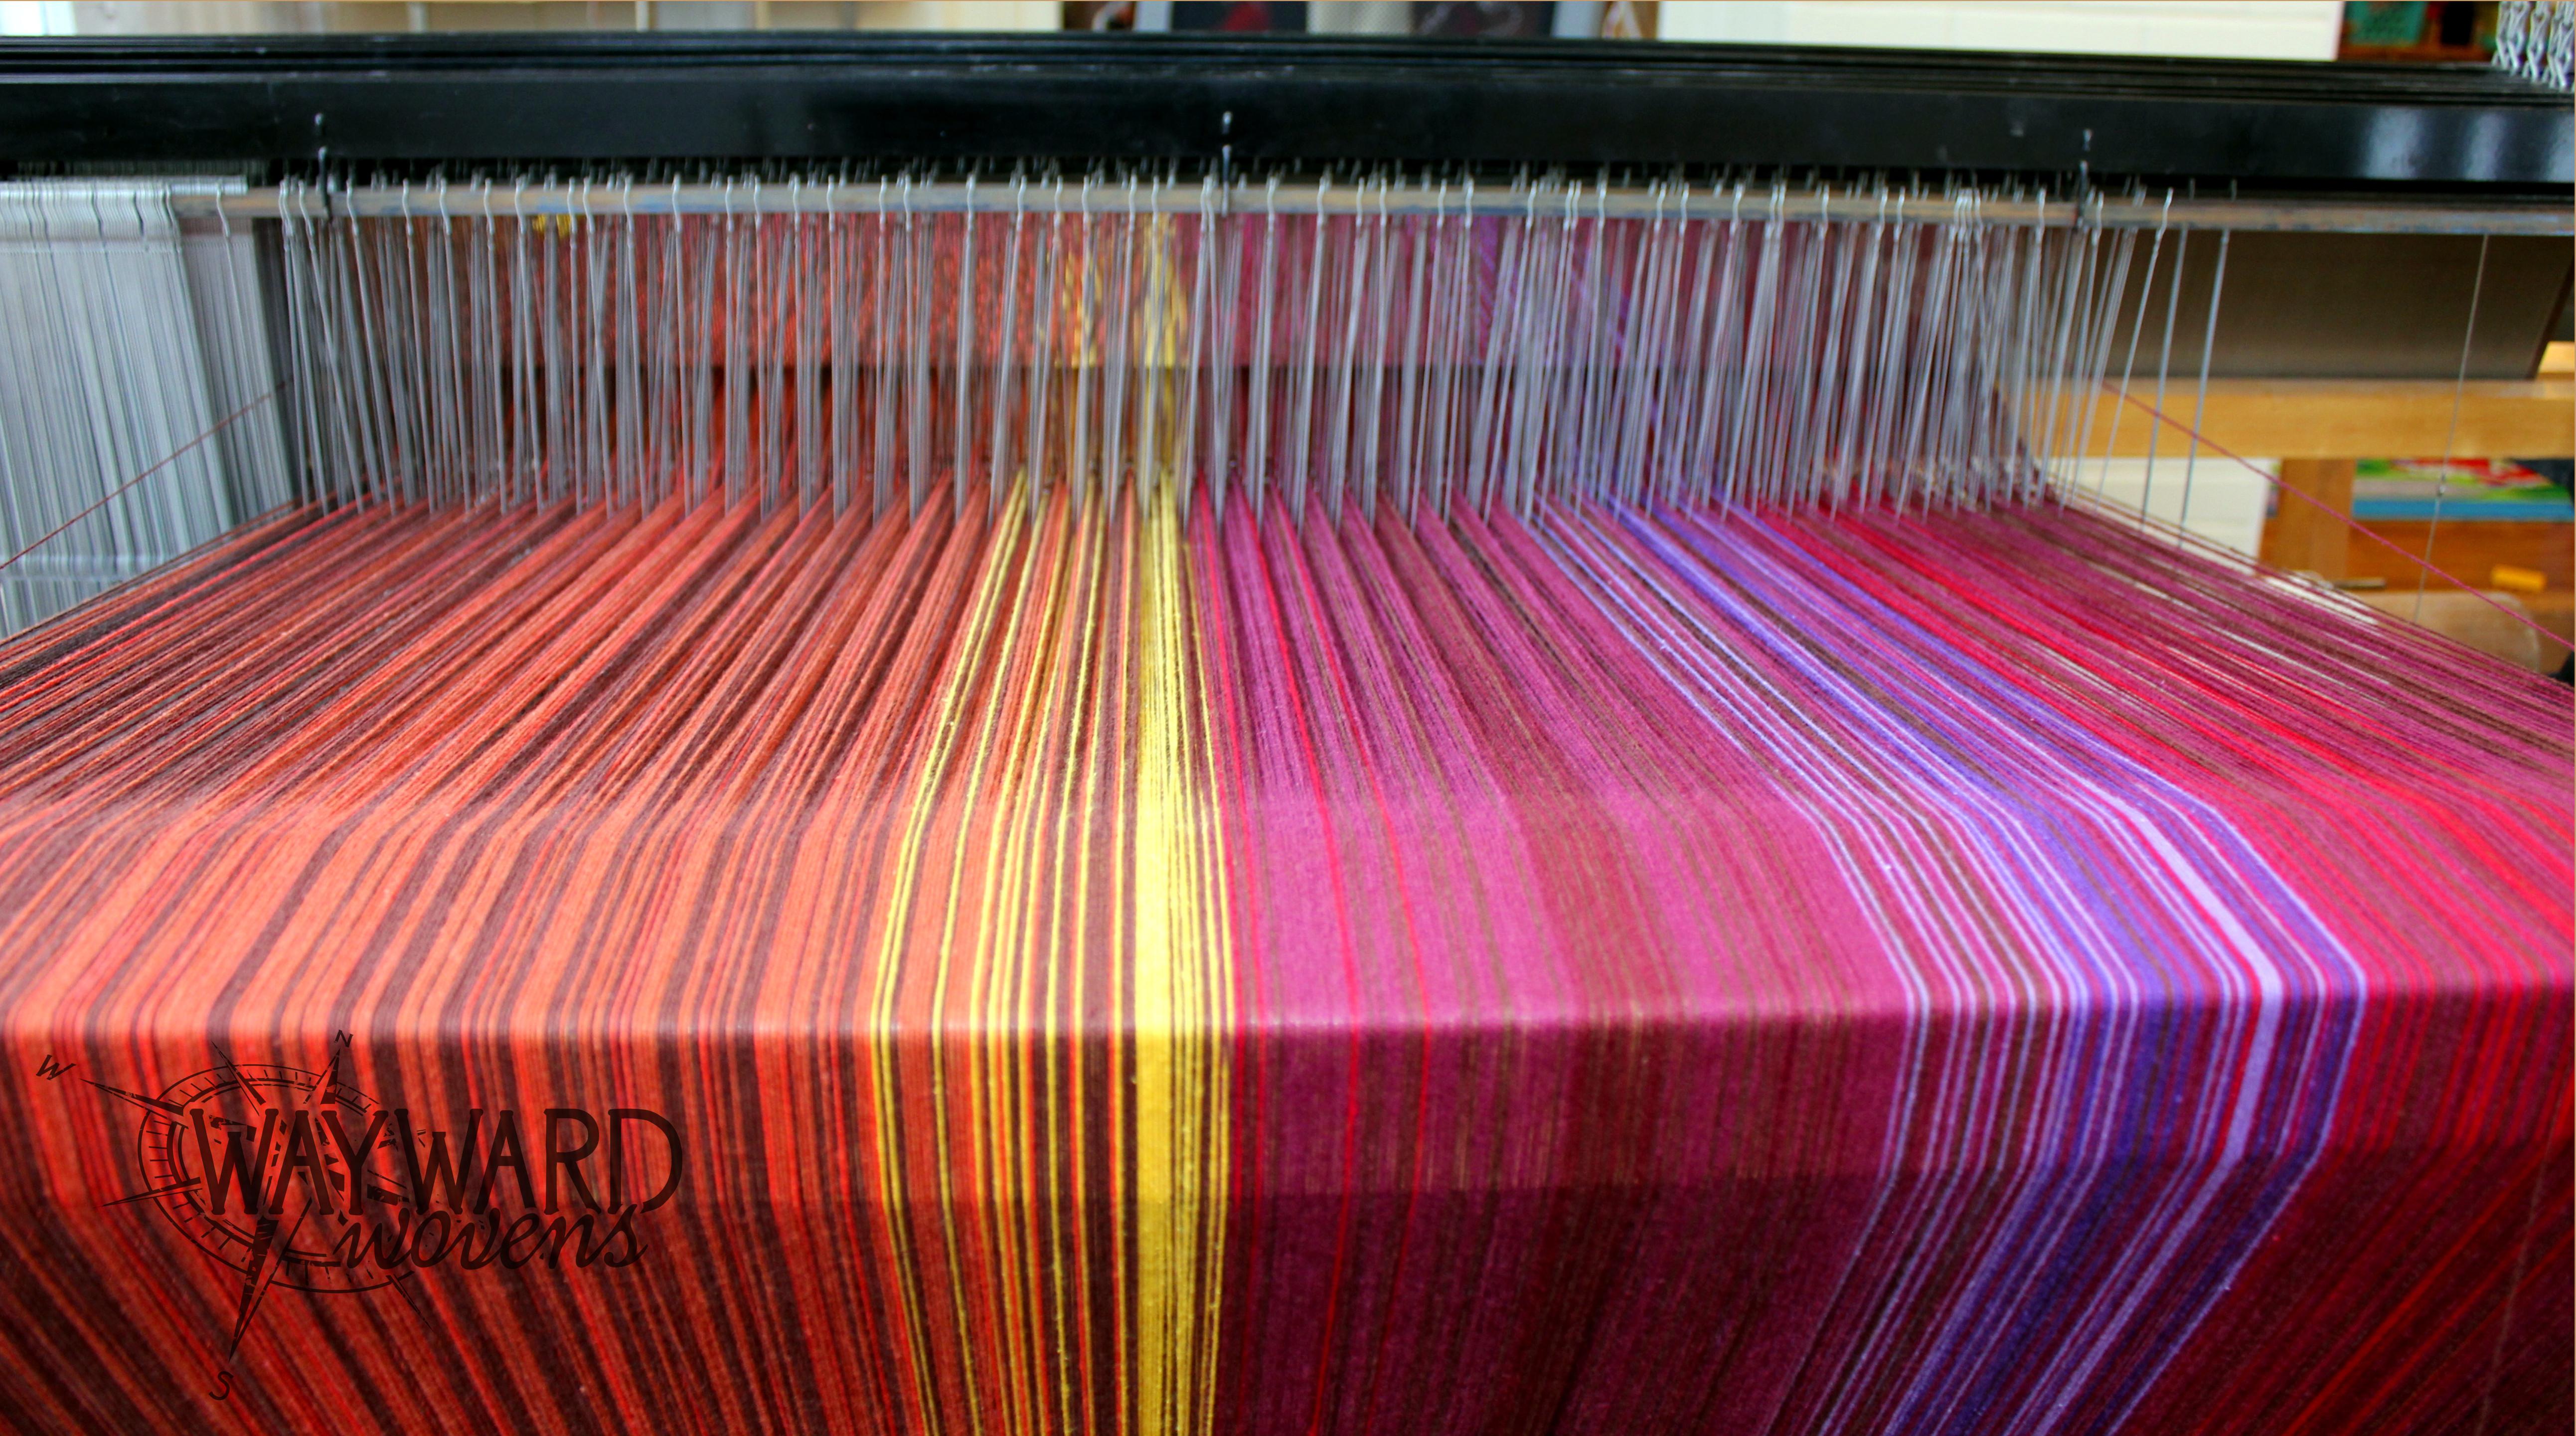 Warp on the floor loom